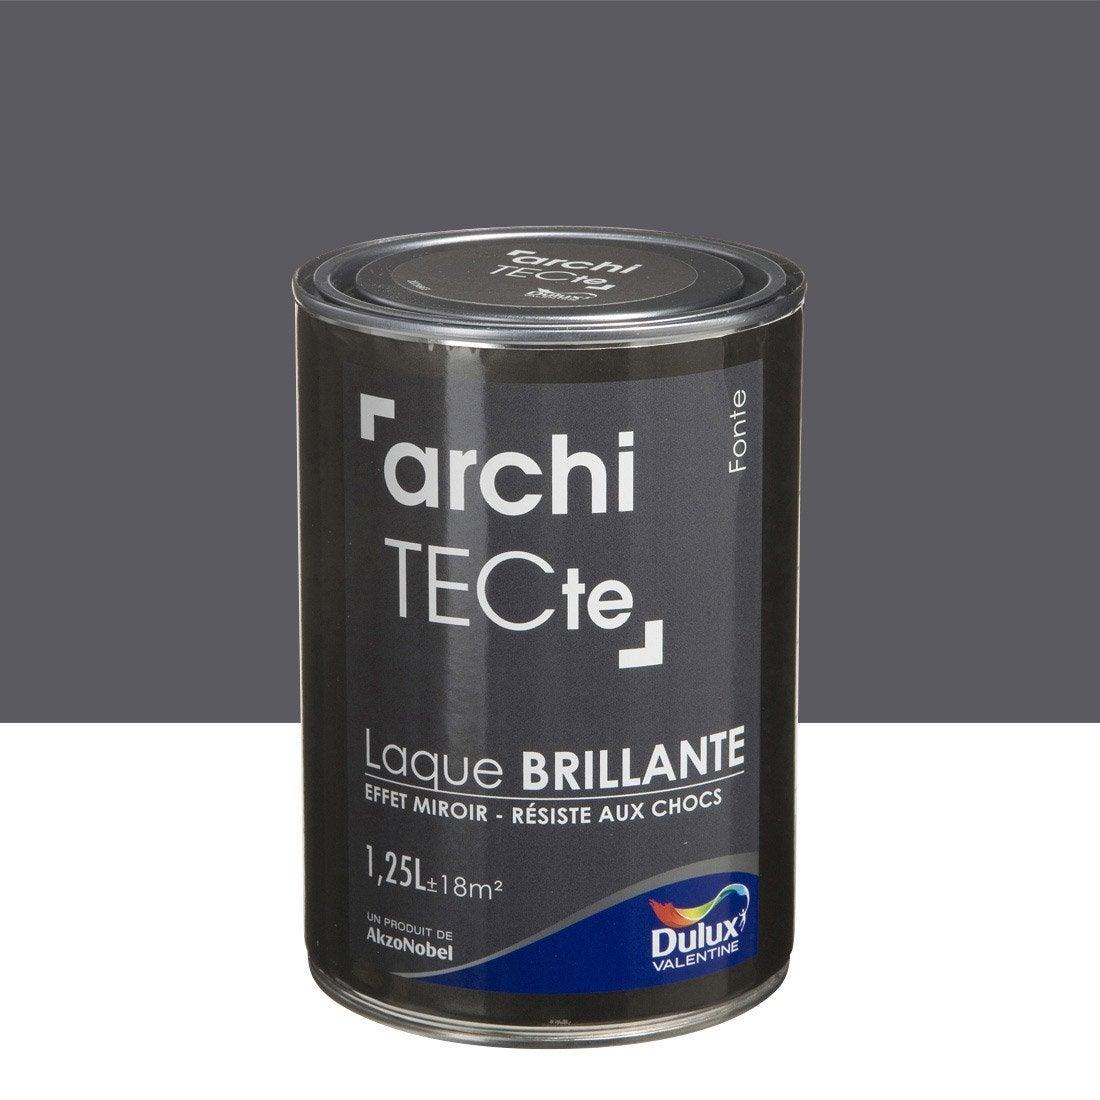 peinture boiserie architecte dulux valentine gris fonte 1 25. Black Bedroom Furniture Sets. Home Design Ideas